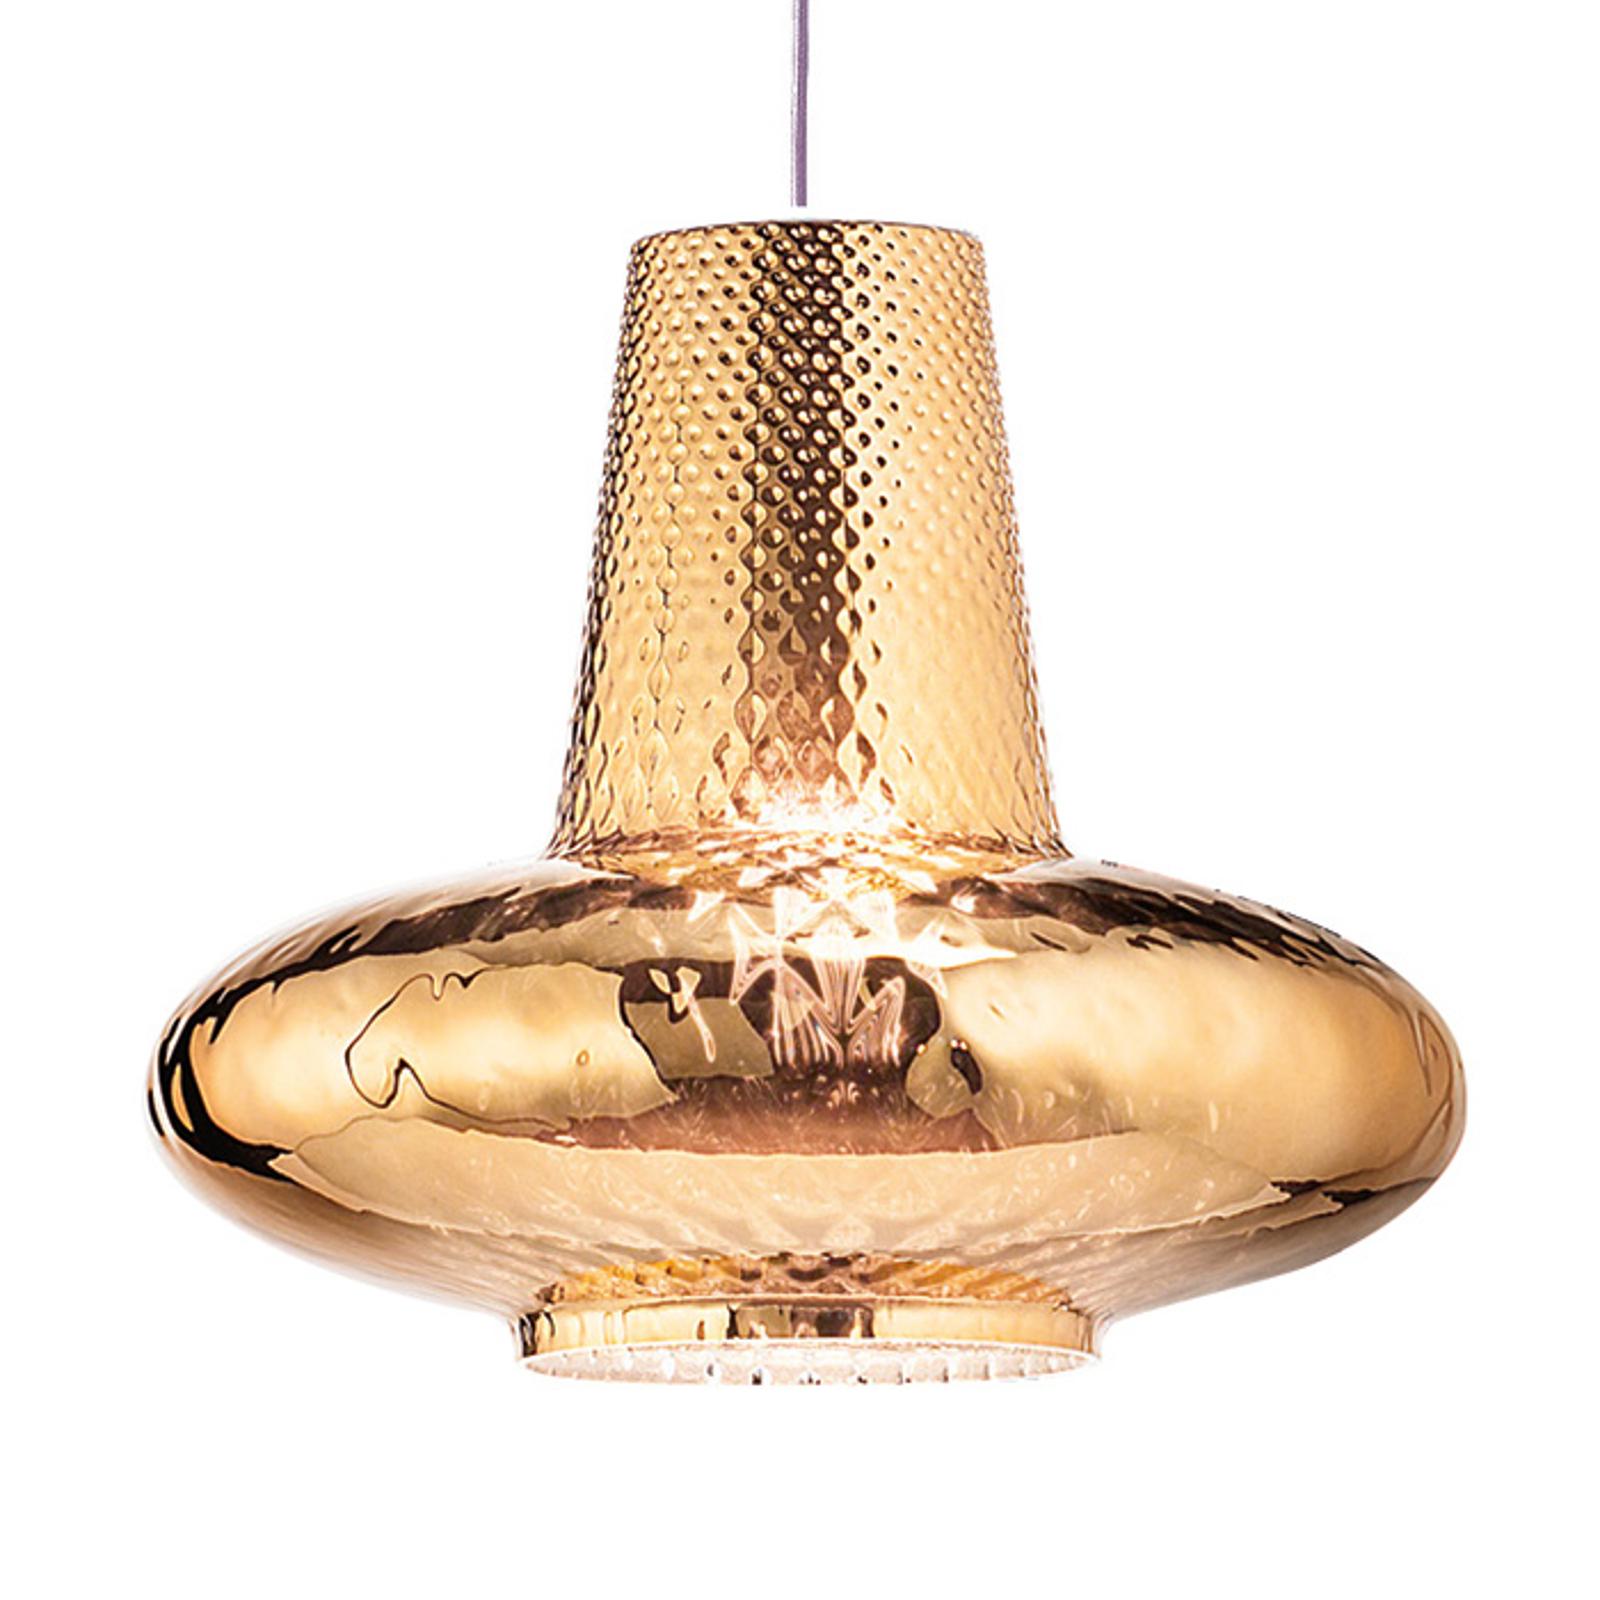 Závesná lampa Giulietta 130cm_1053316_1